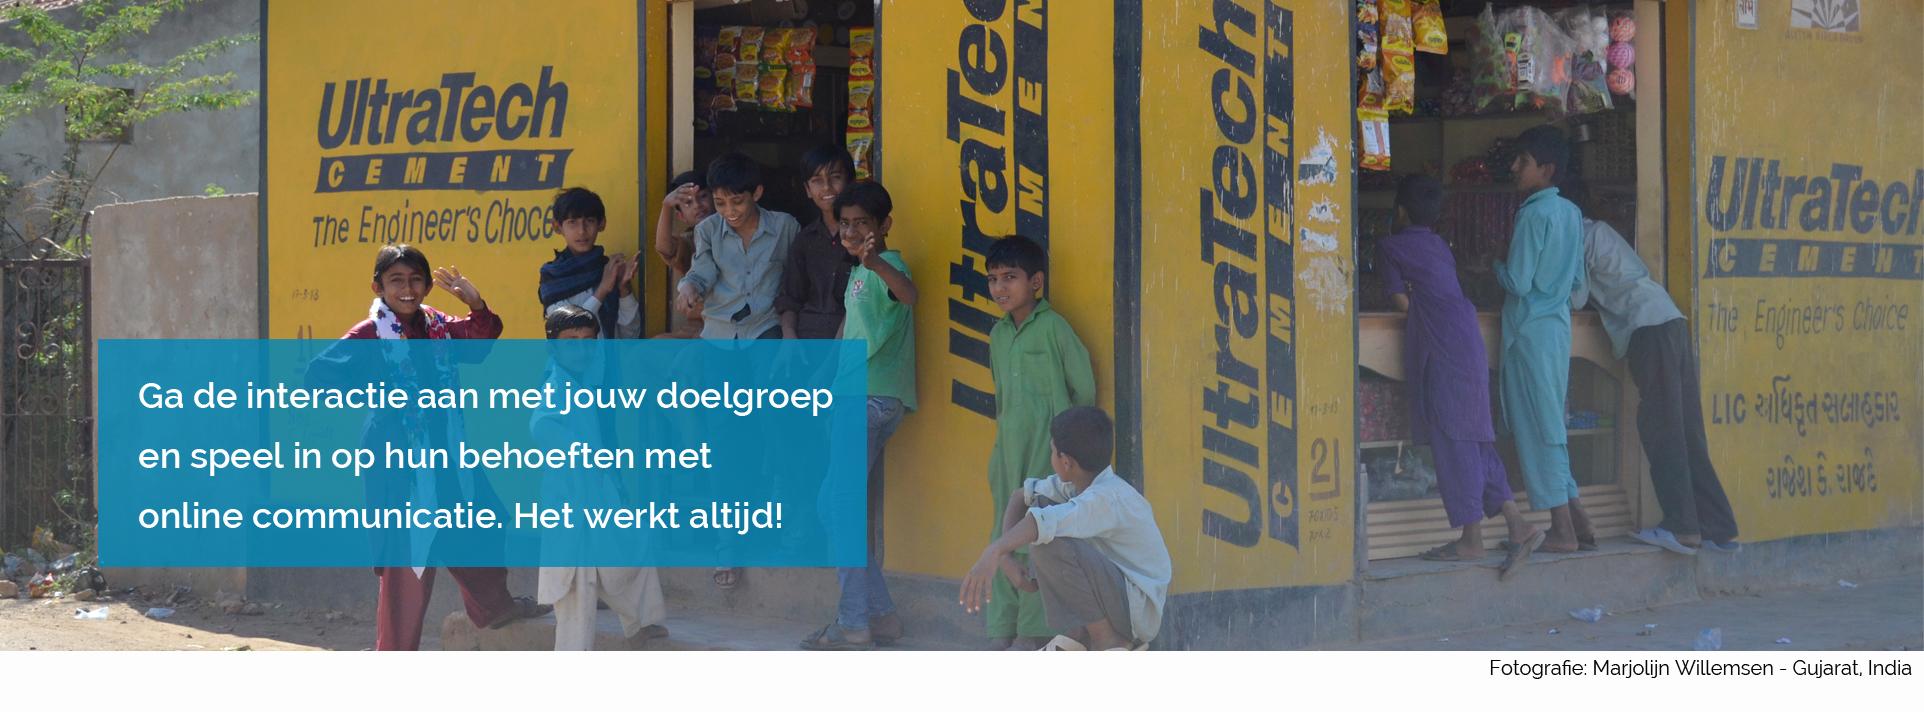 Online communicatie - jongens bij kiosk